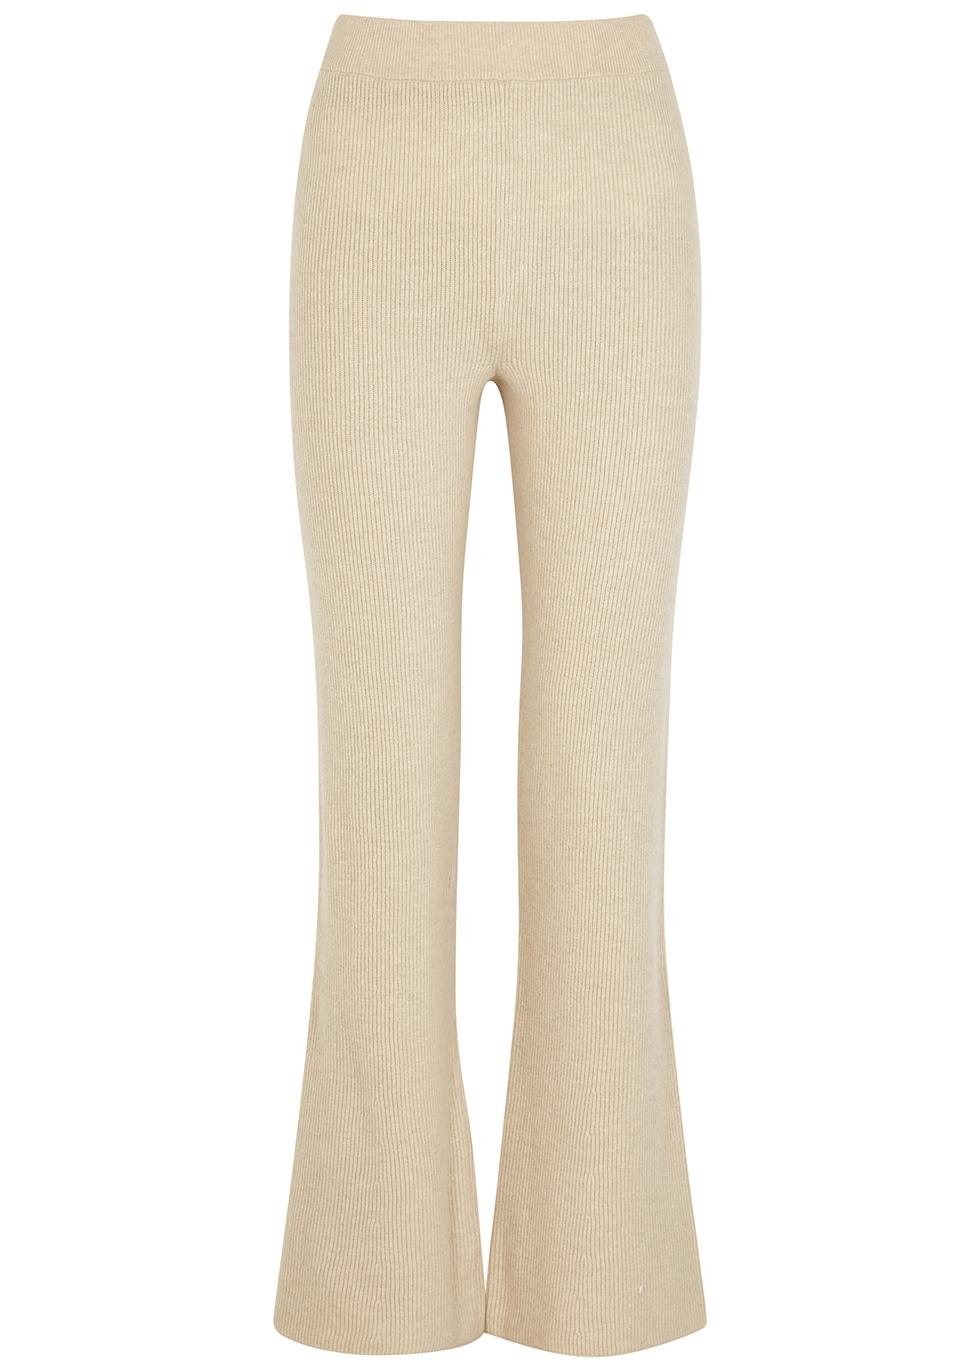 Leba ecru flared wool-blend trousers